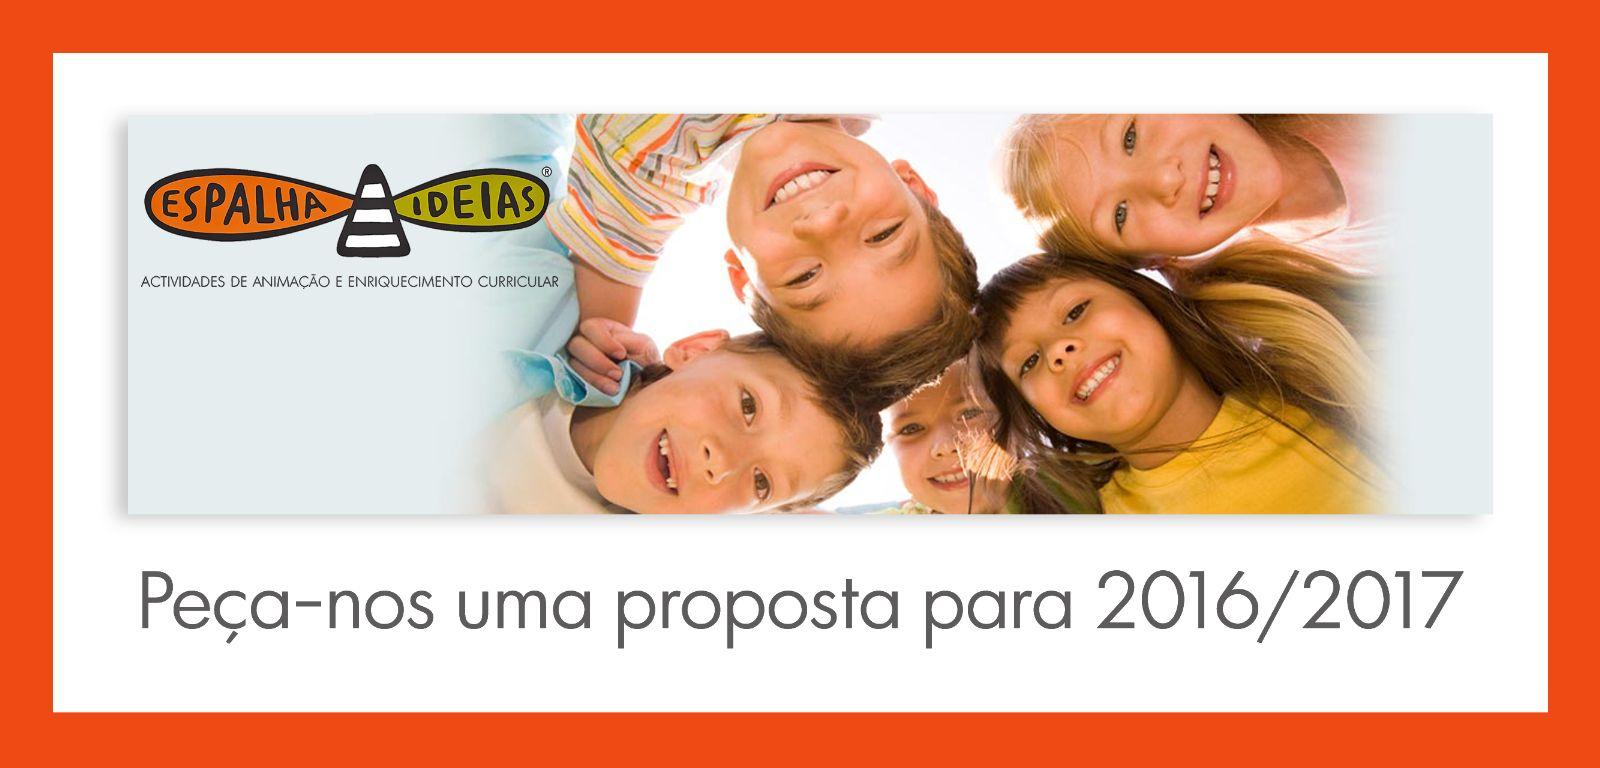 Peça-nos uma proposta para 2016/2017